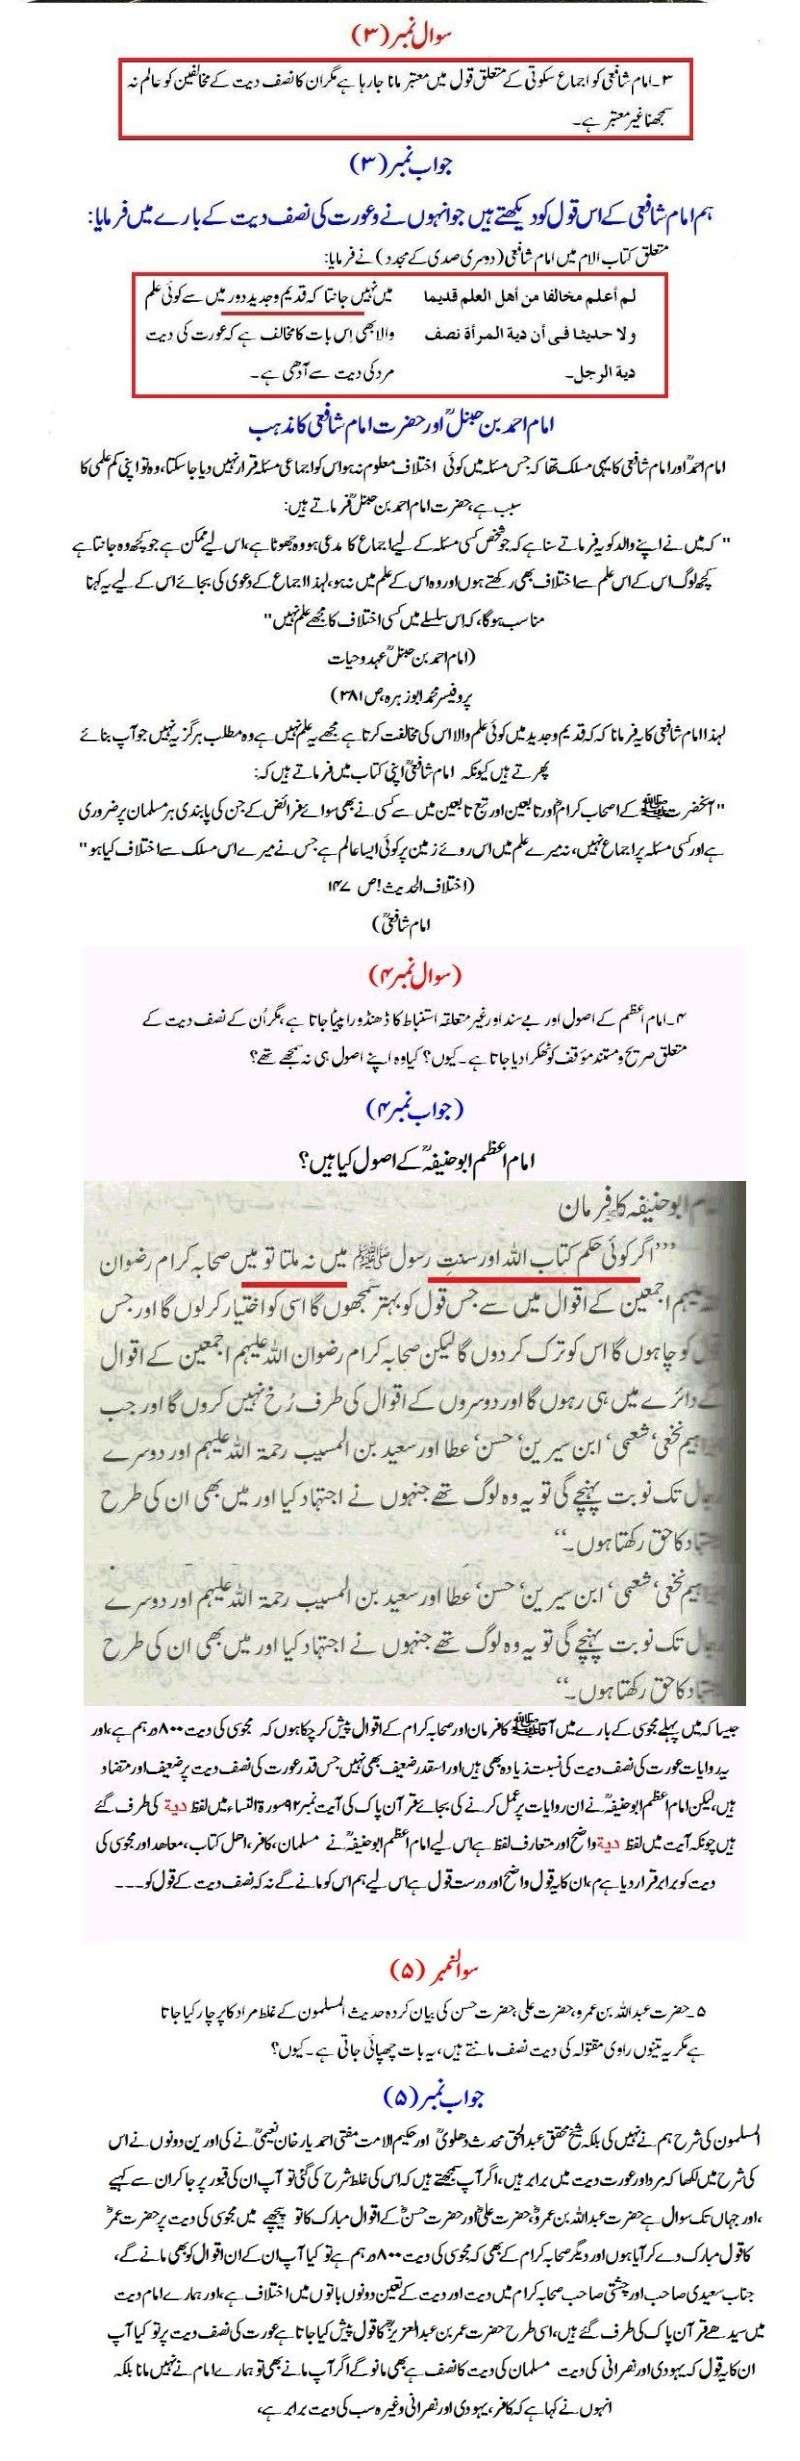 دیت کی جعلی فتوی فیکٹری پر منہاج القرآن کی فتح کا جھنڈا - Page 2 Post_315